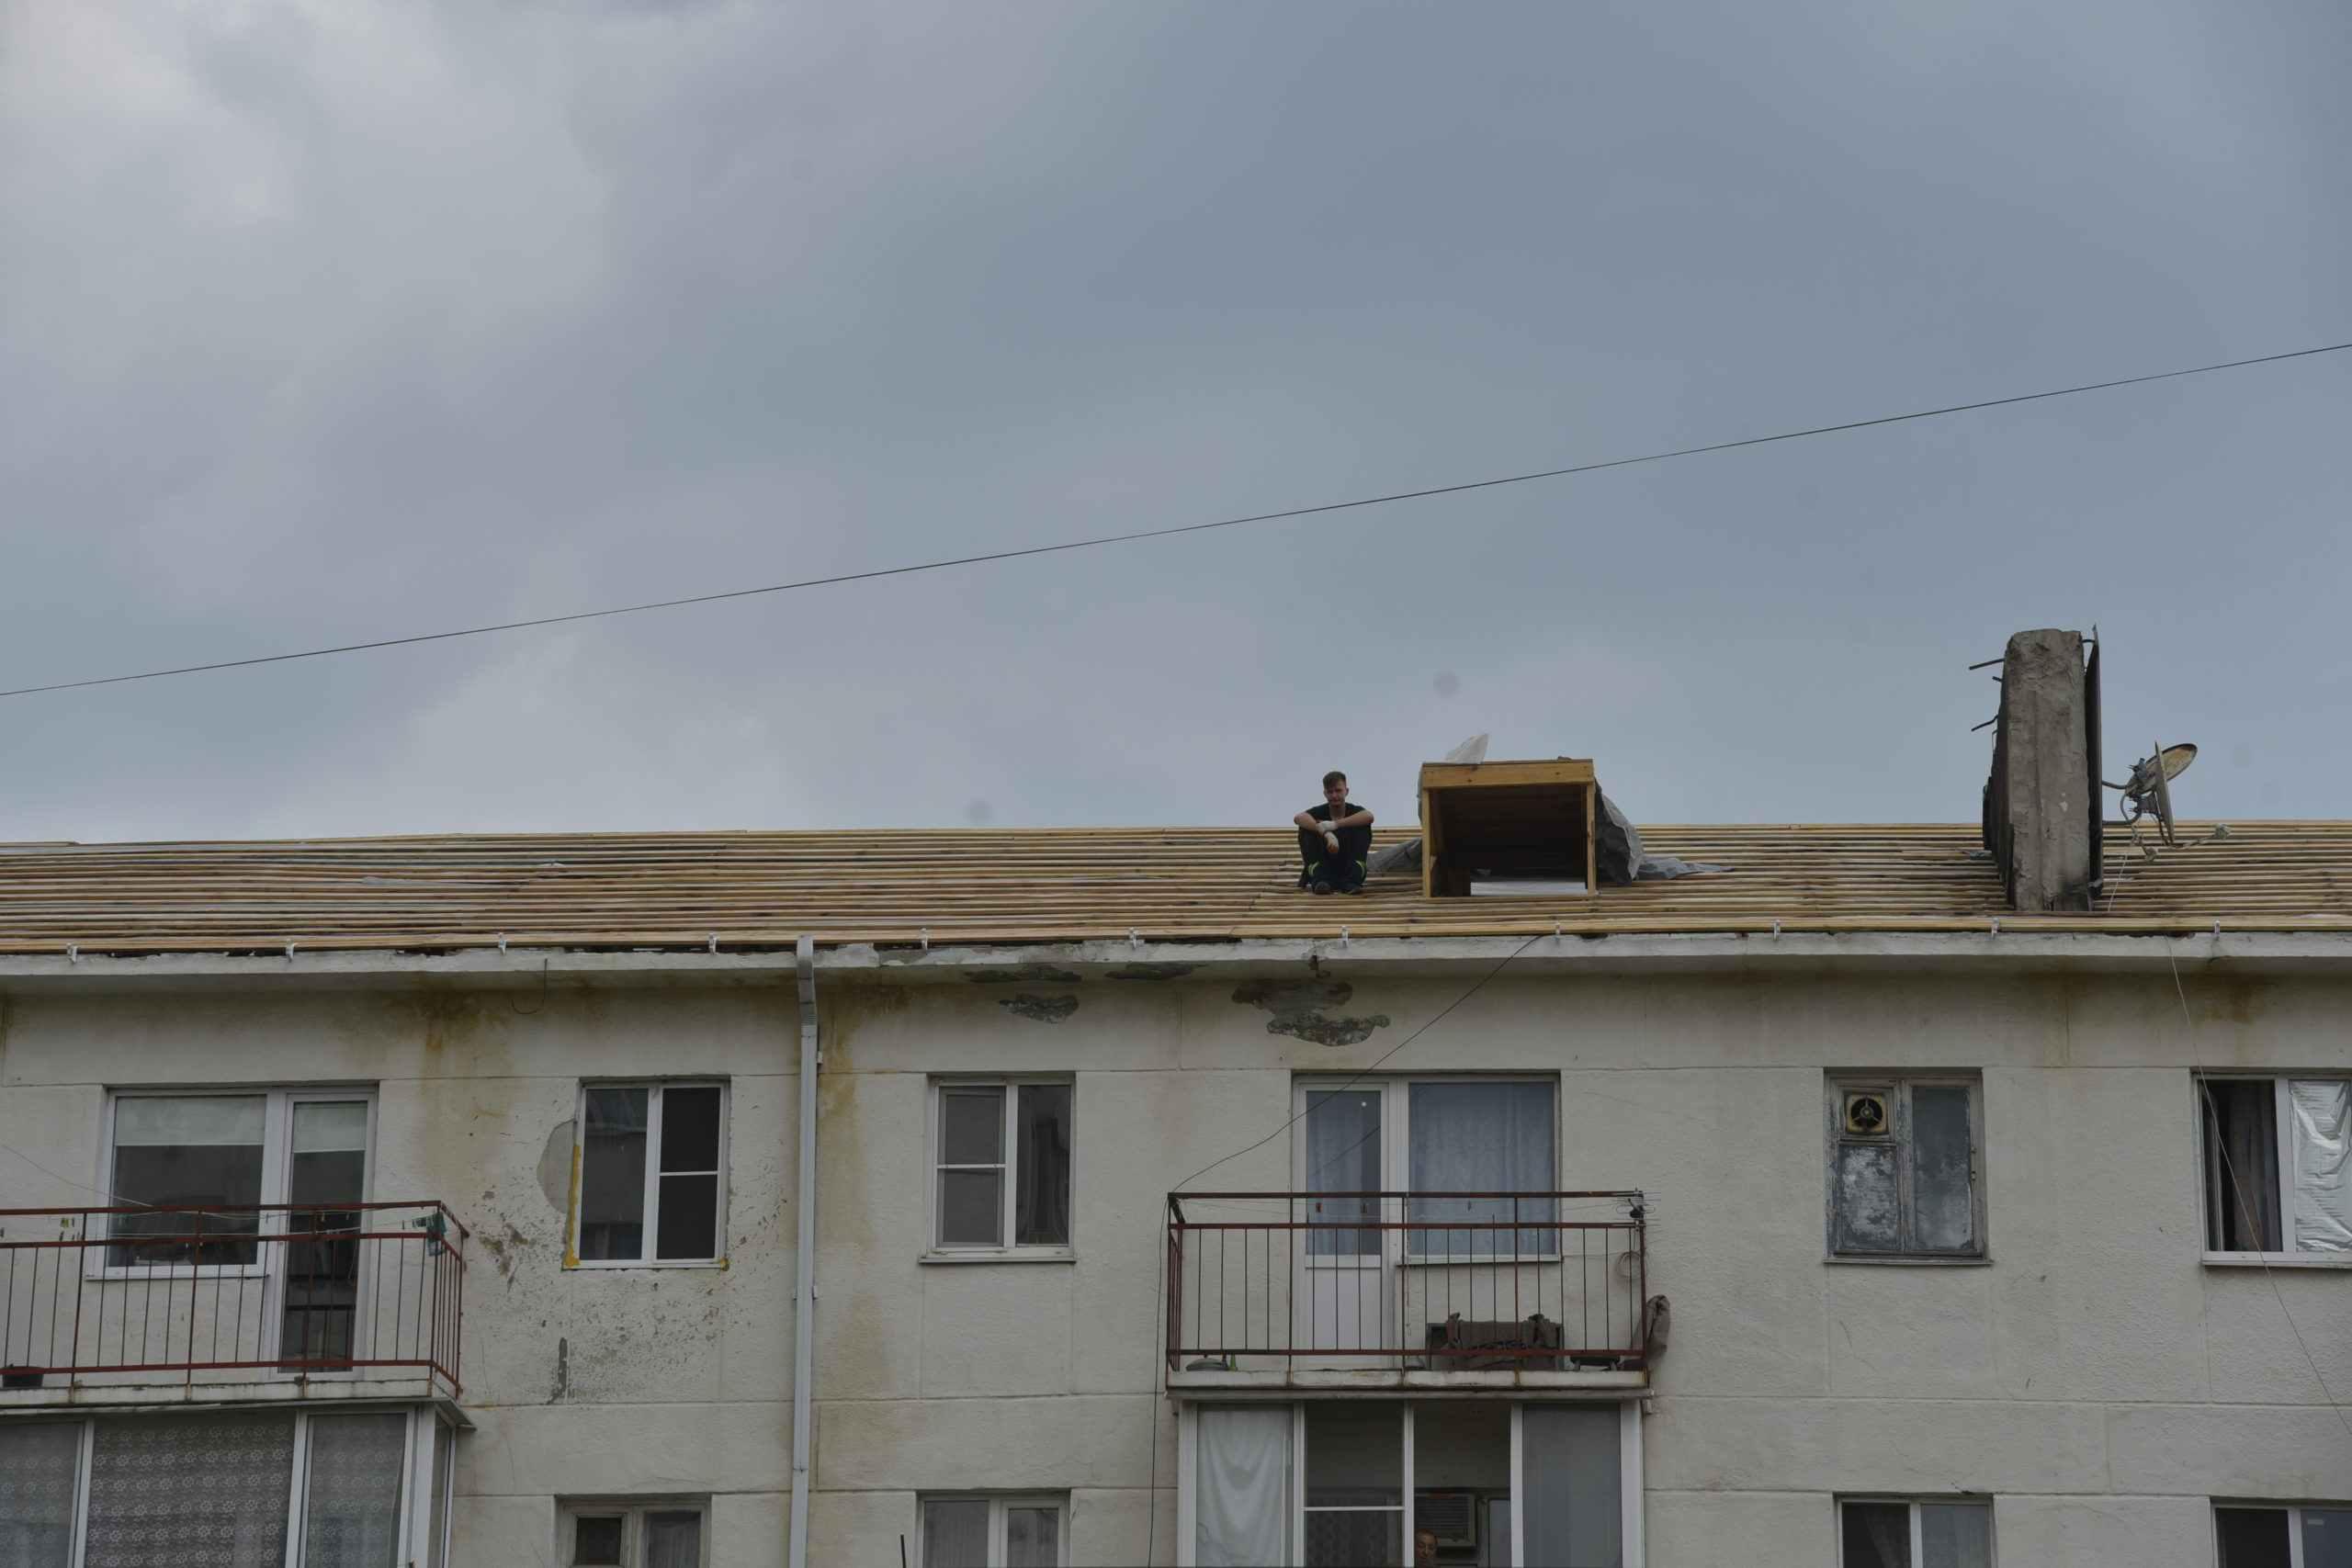 Многострадальный дом по пр. Ленина в Новороссийске до сих пор без крыши после пожара, квартиры верхних этажей затоплены дождями